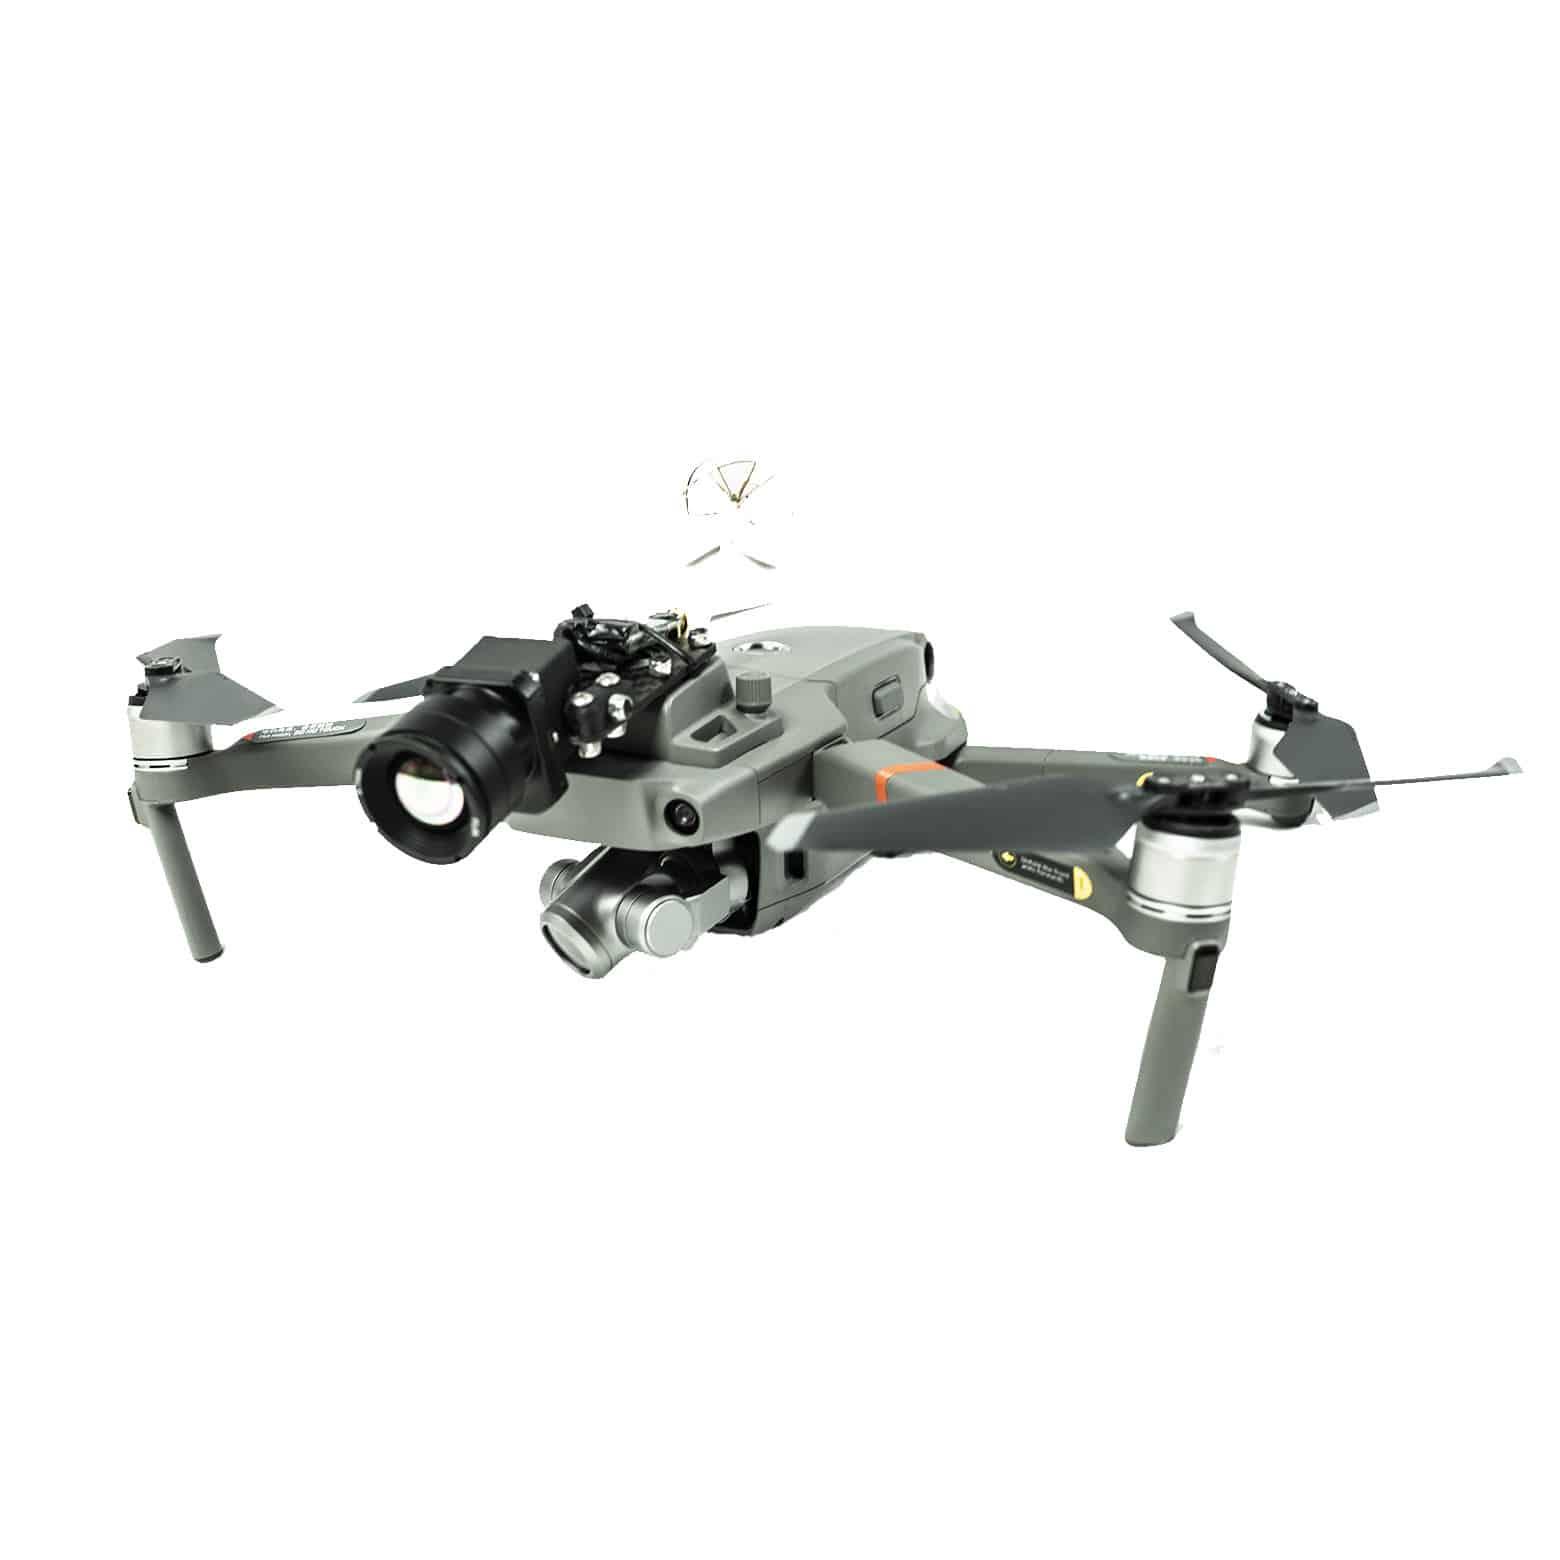 Commander dronex pro hypertech et avis acheter drone avec camera pas cher